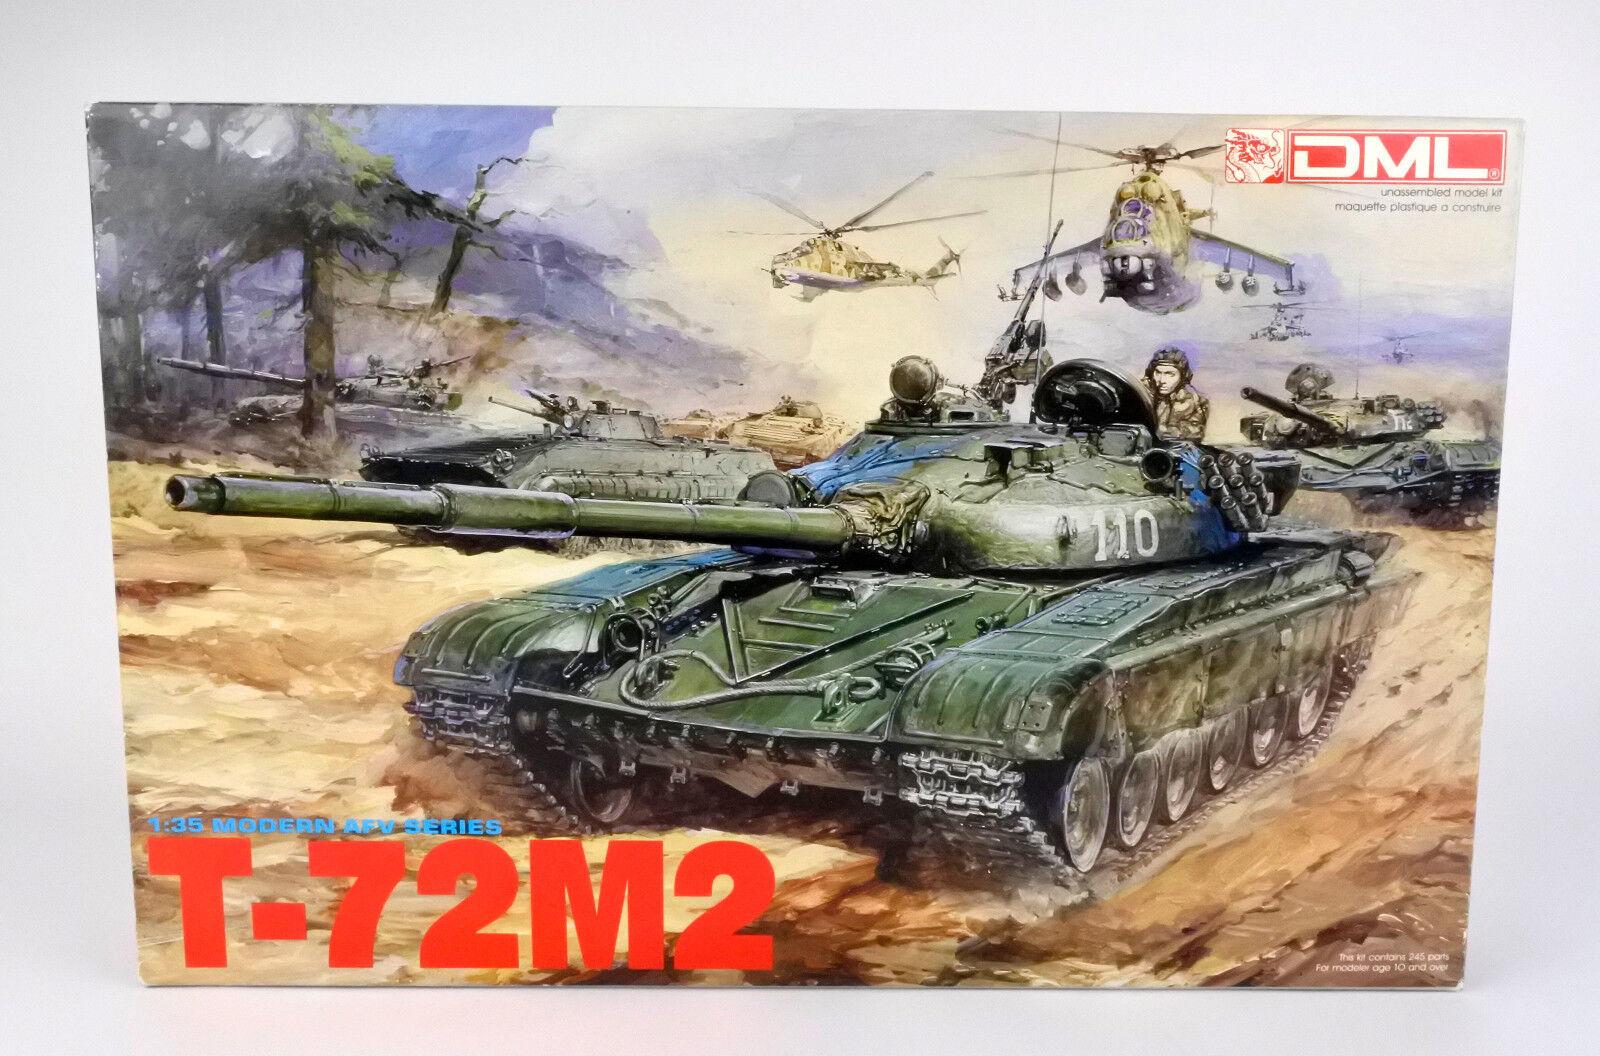 DRAGON 1 35 3501 RUSSIAN T-72 M2 MODEL KIT